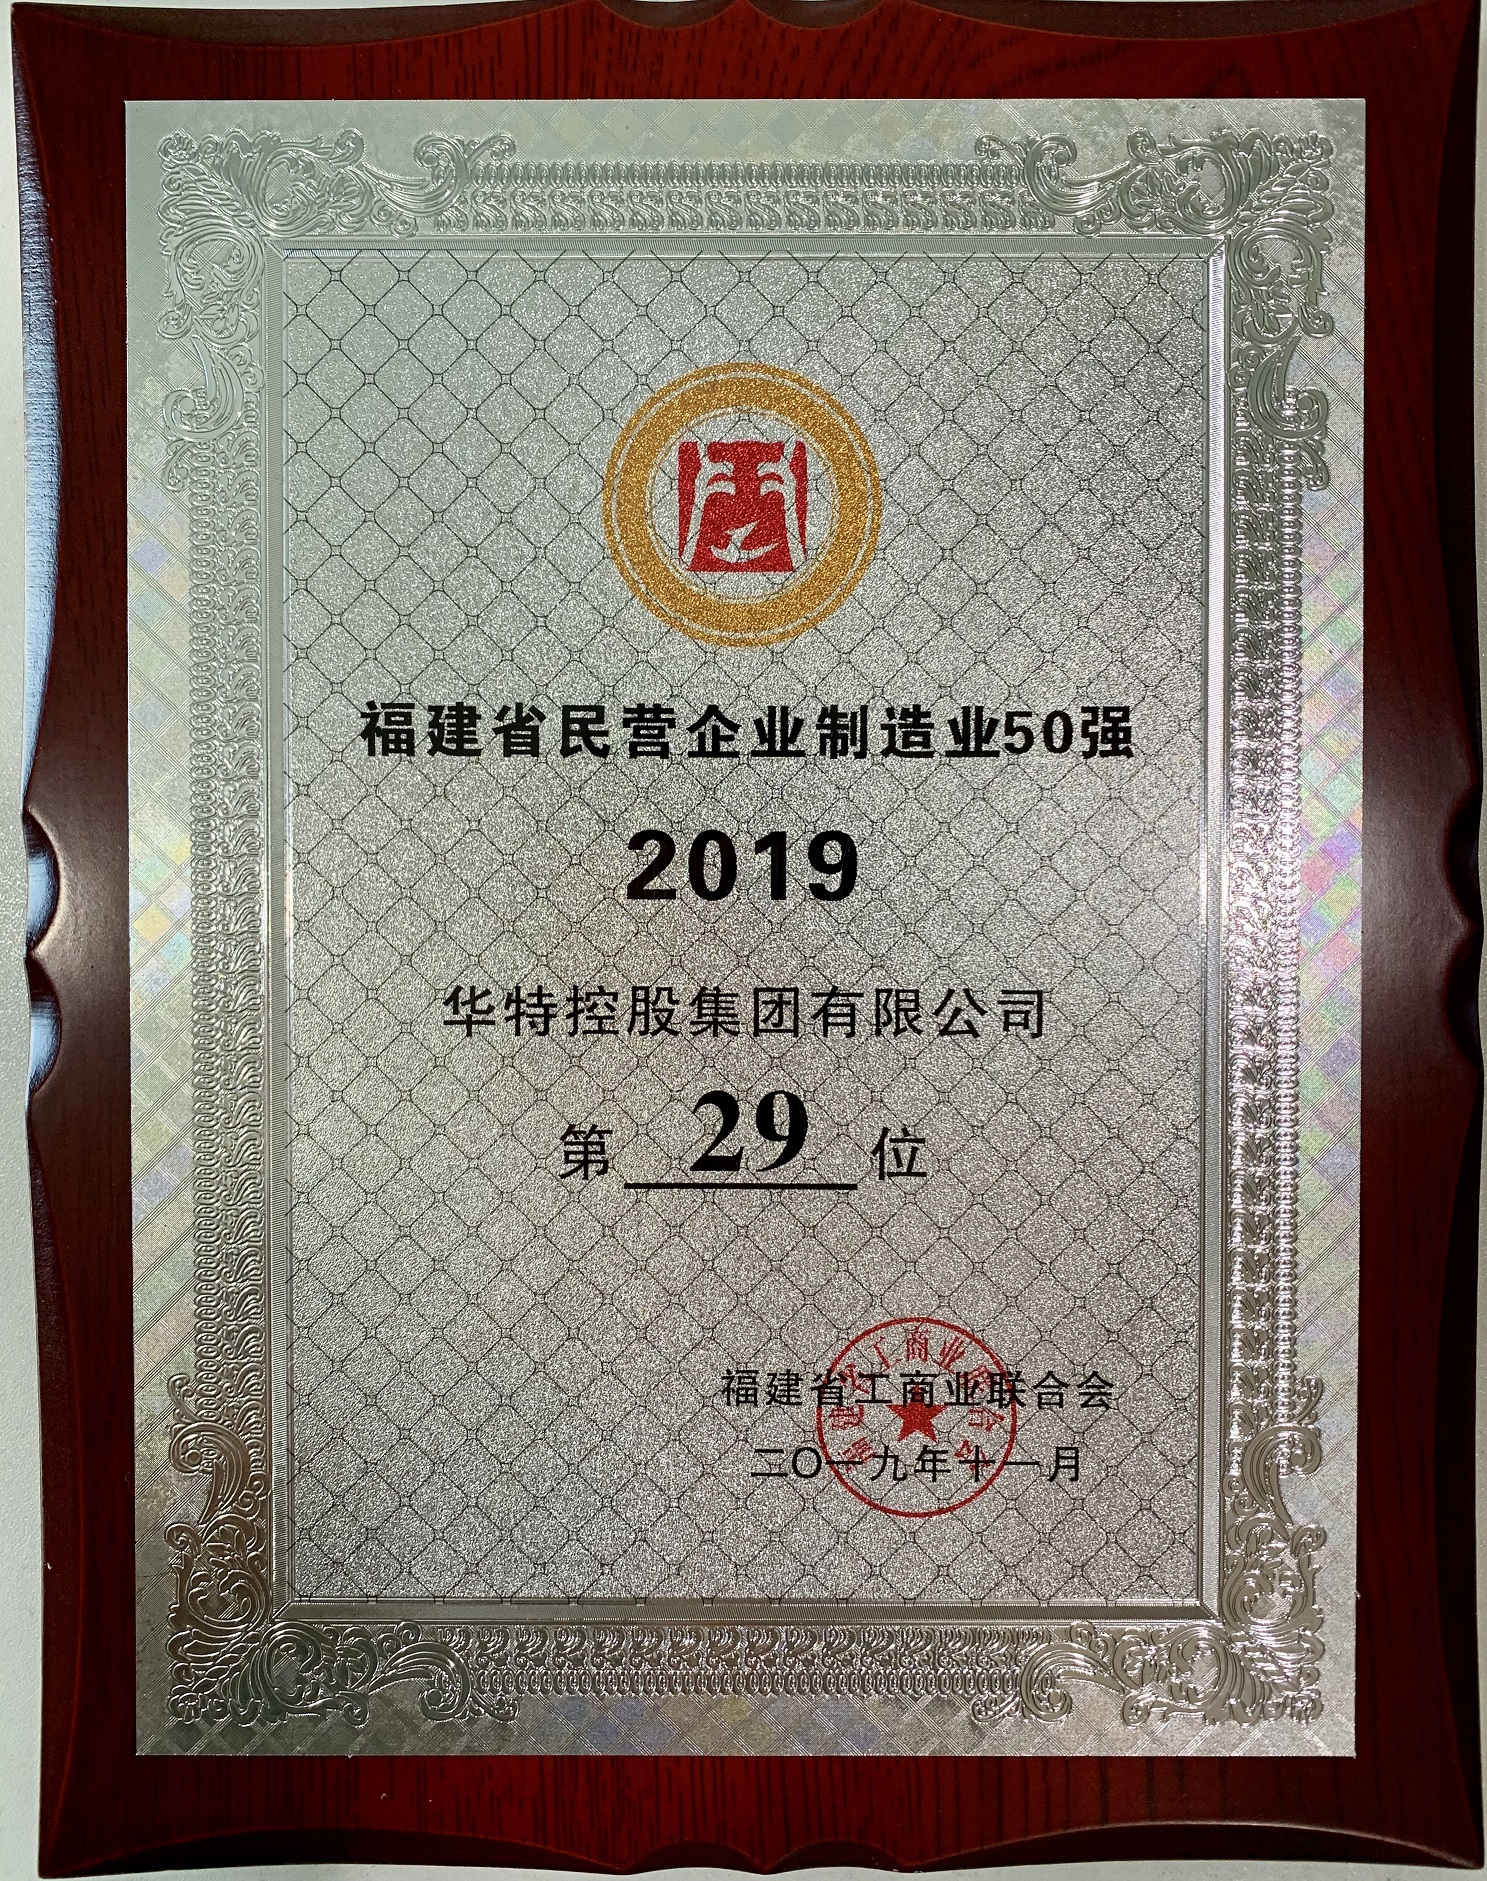 2. 2019福建省民营制造业50强.jpg